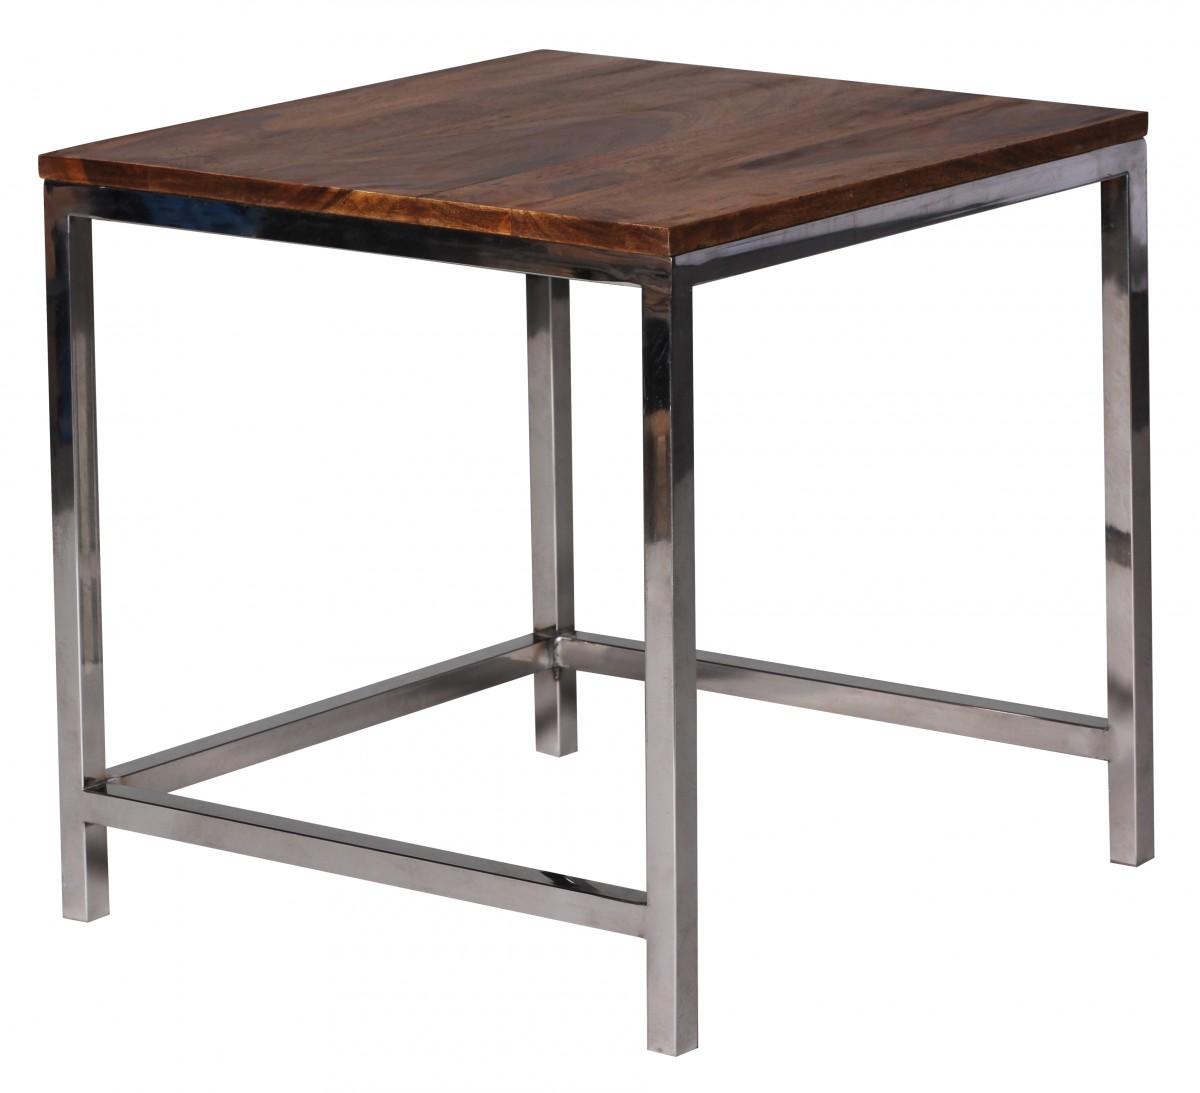 wohnling satztisch massiv holz 45x45 35x35 cm couchtisch wohnzimmertisch neu ebay. Black Bedroom Furniture Sets. Home Design Ideas